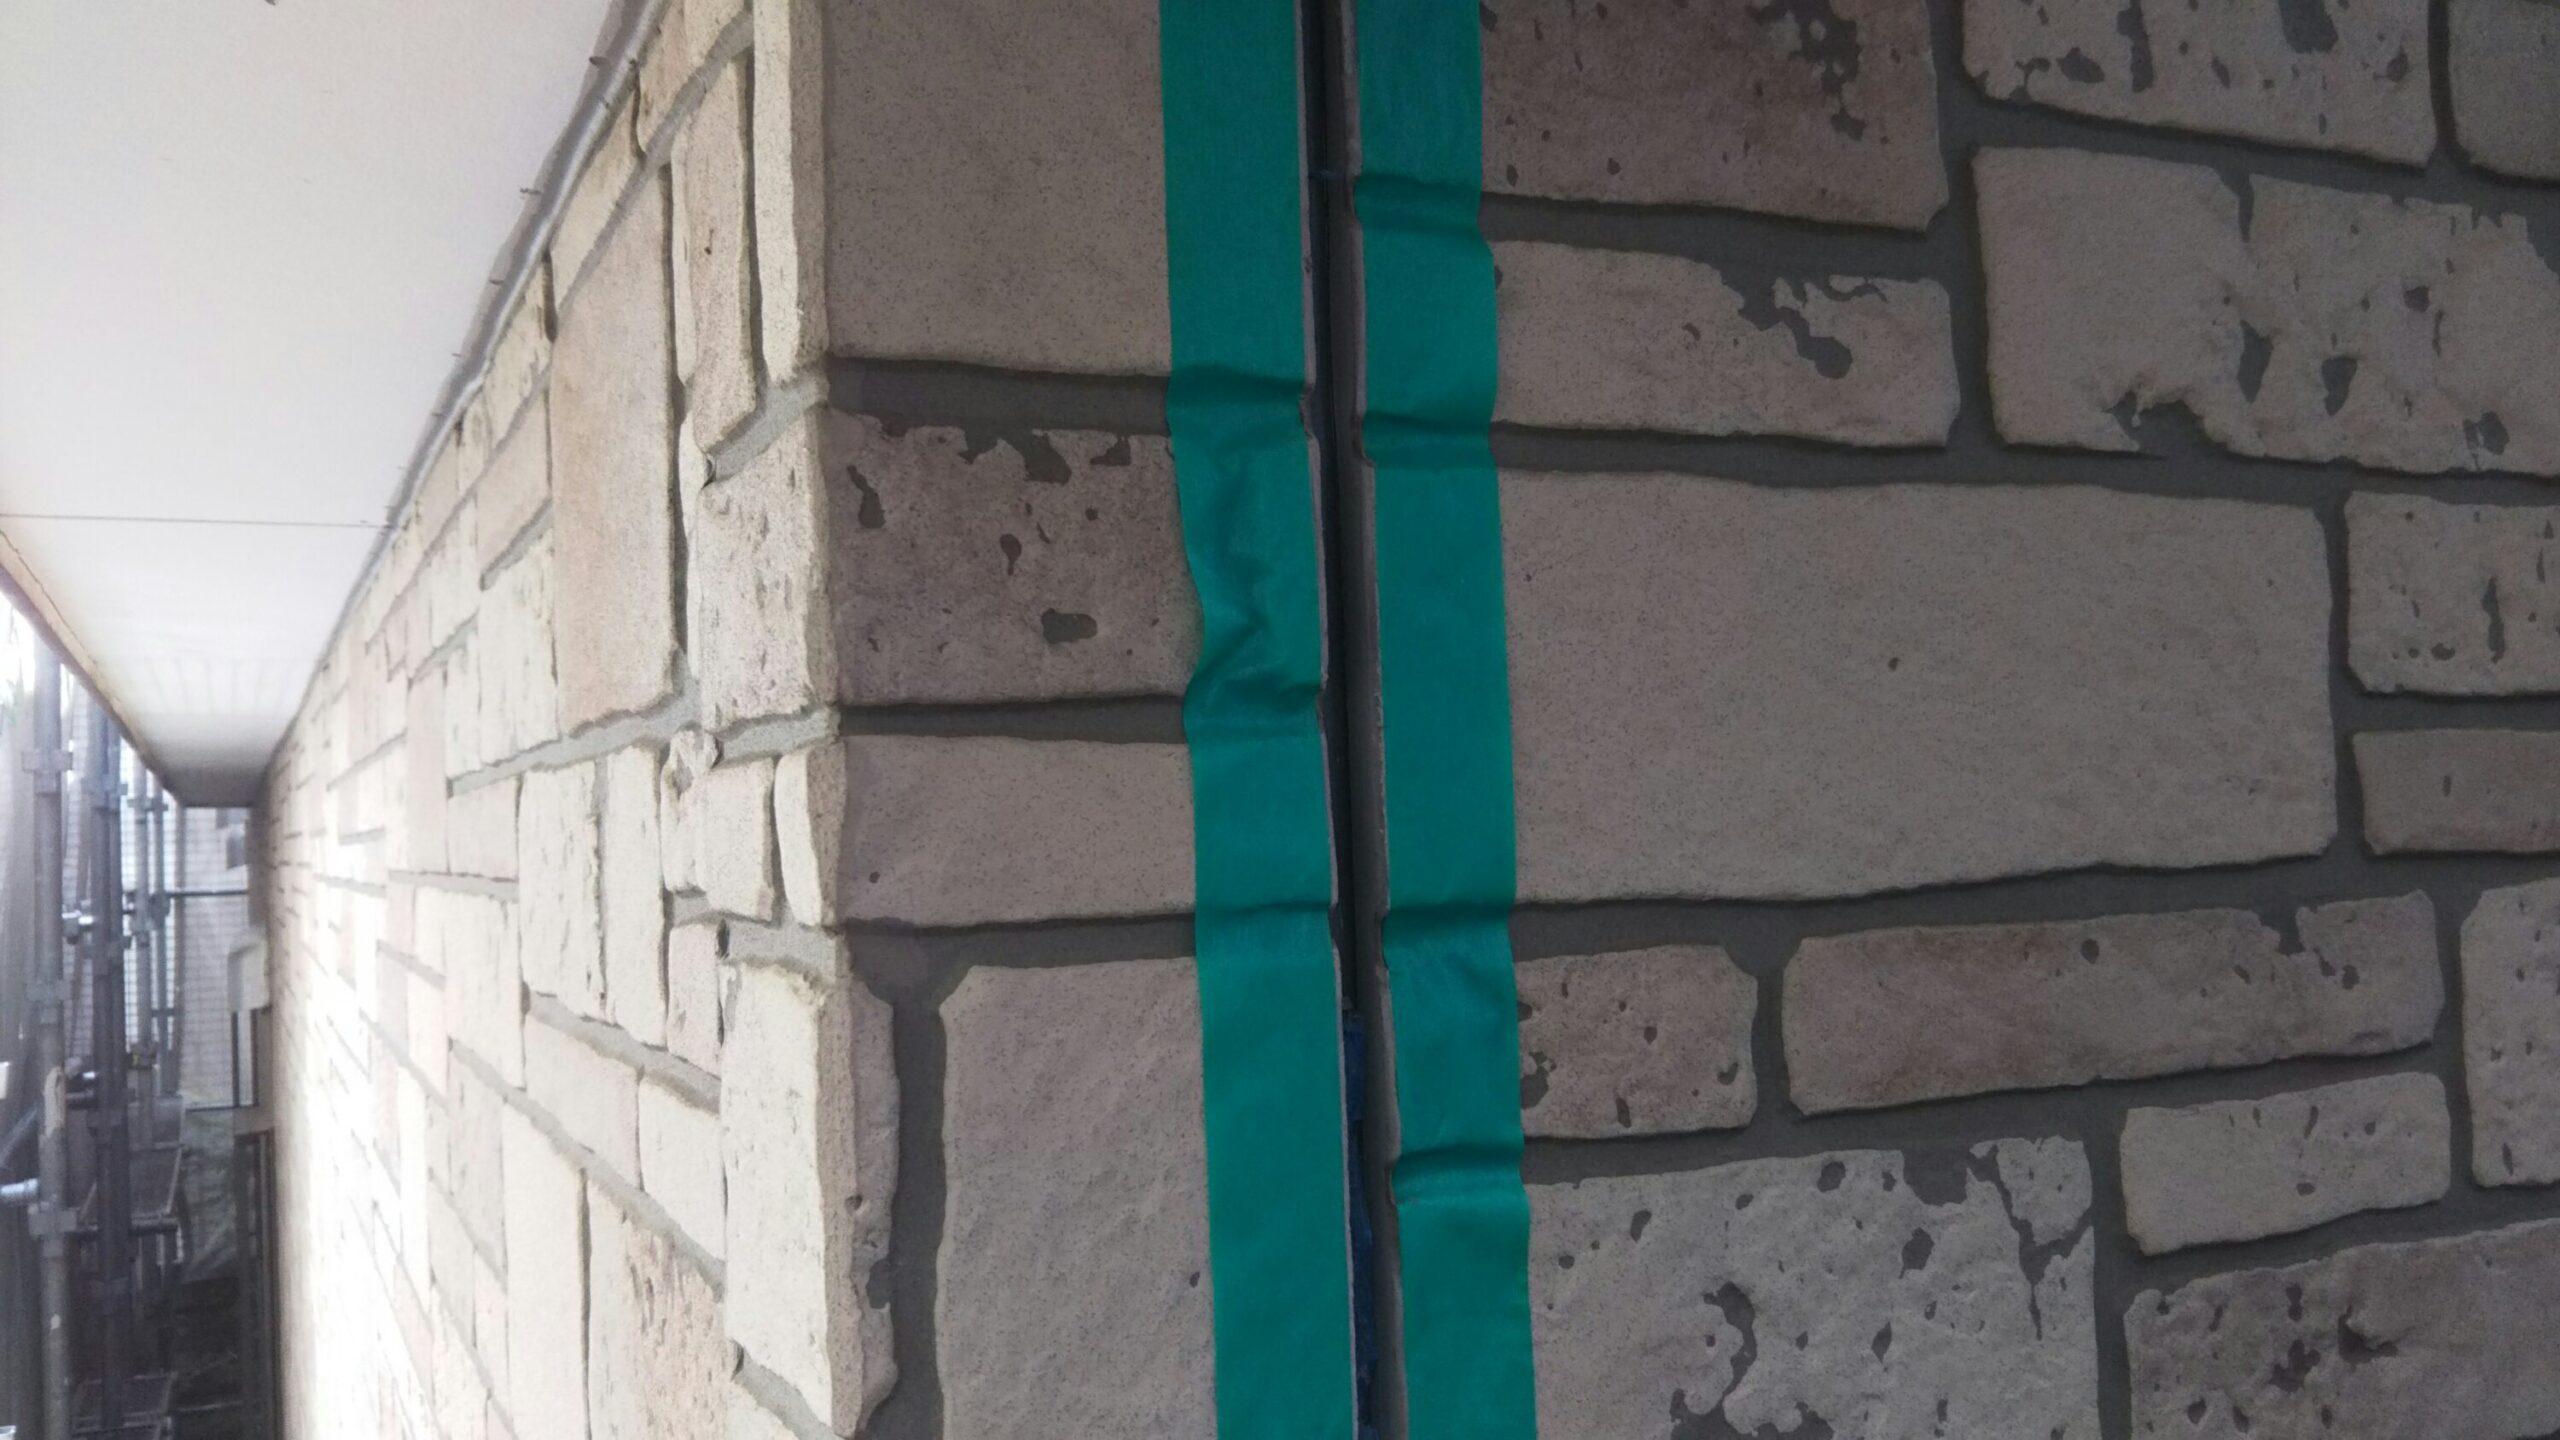 埼玉県さいたま市桜区のM様邸にて外壁のコーキング打ち替え